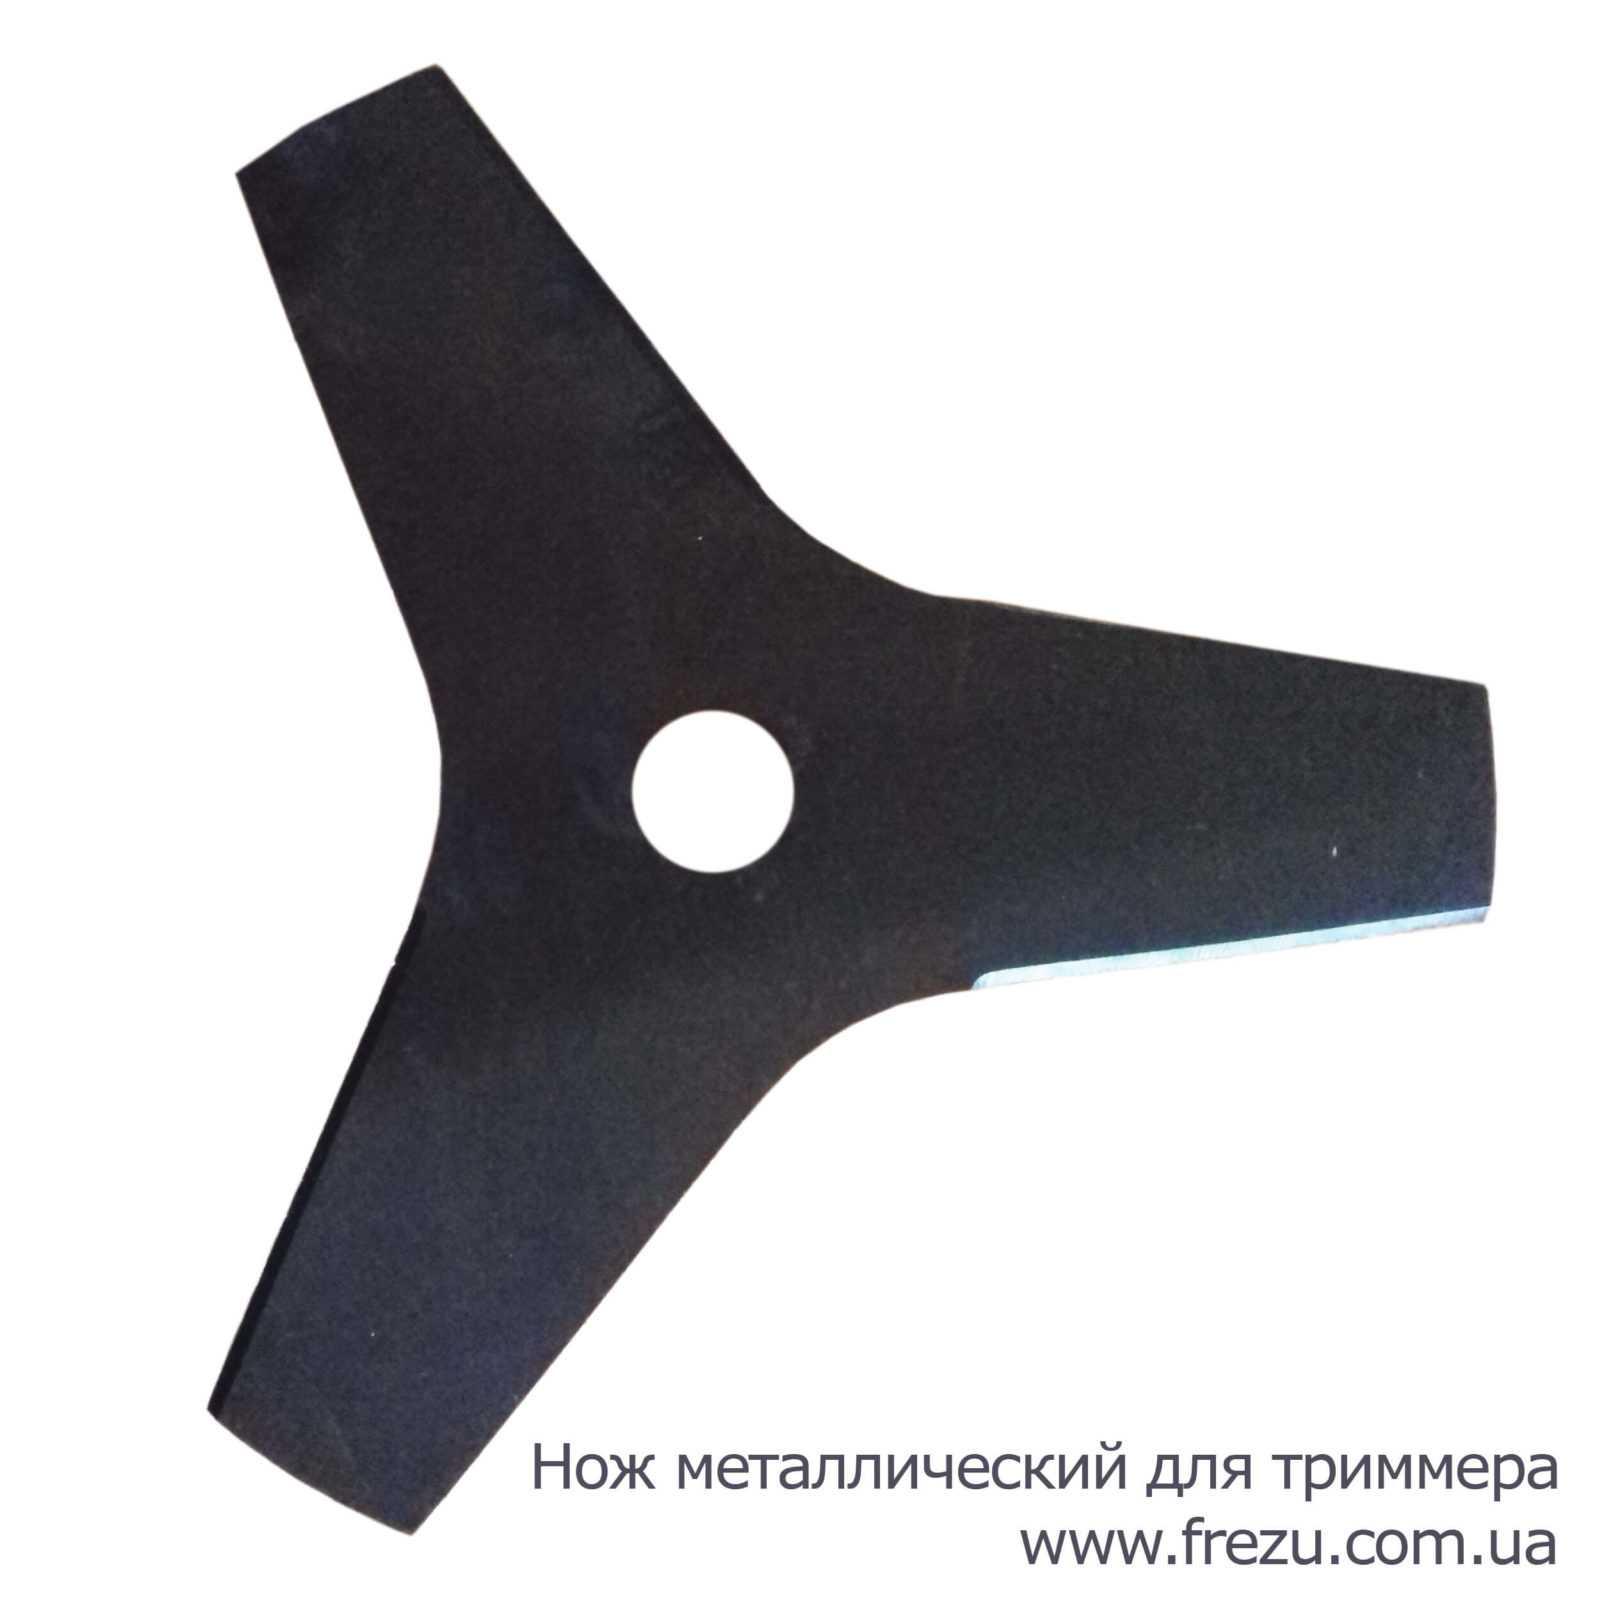 Нож металлический для триммера аналог Bosch